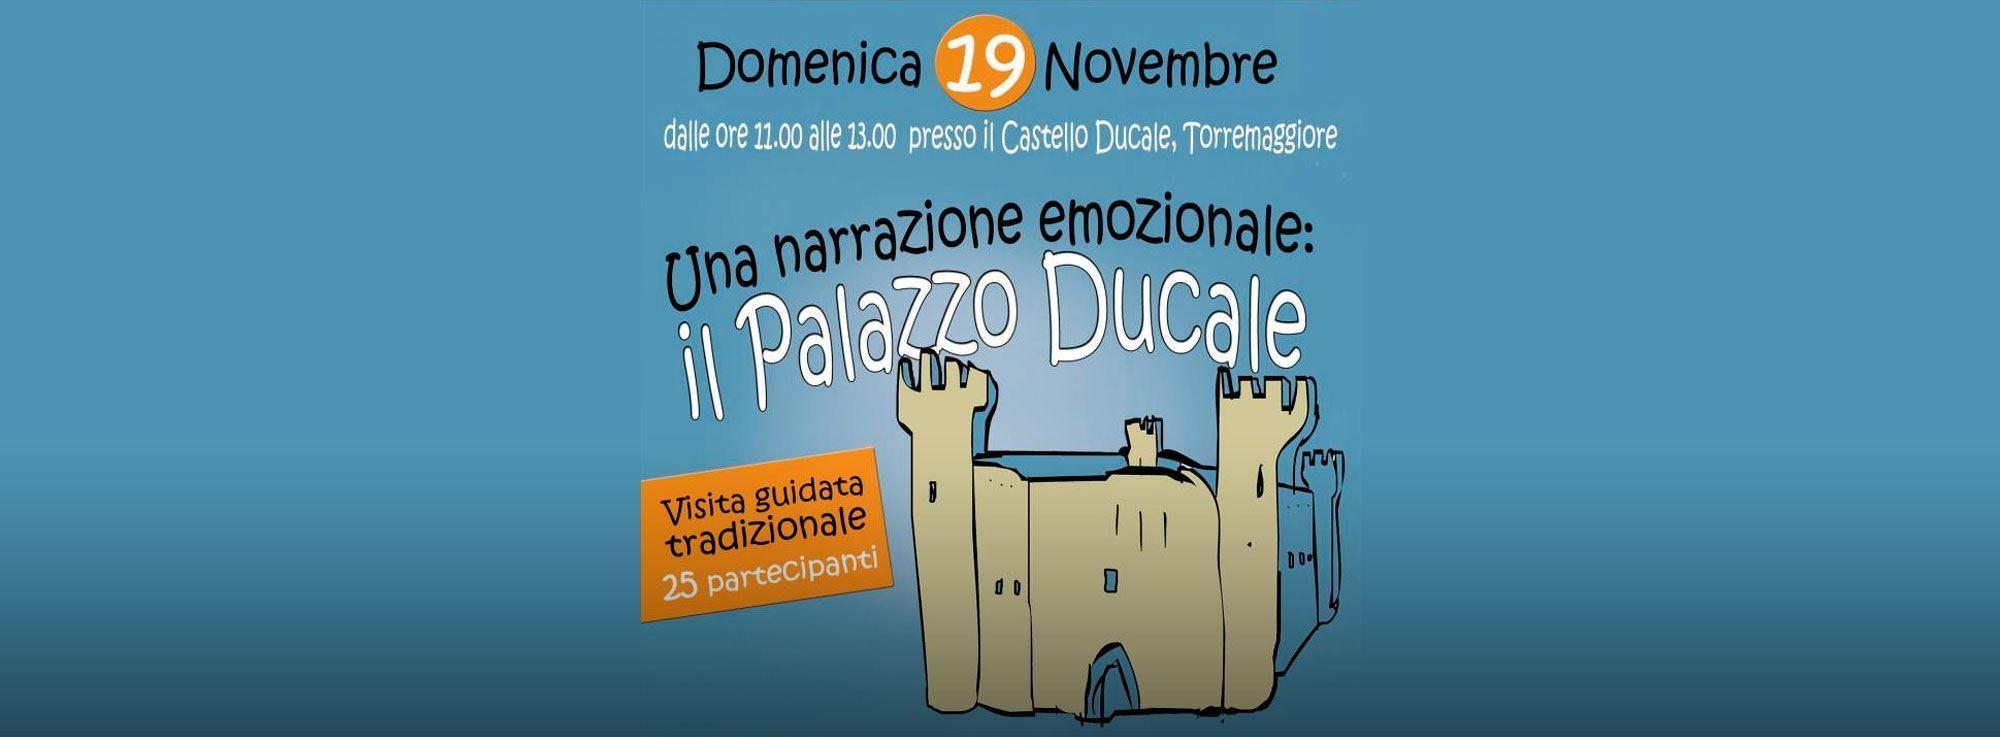 Torremaggiore: Una narrazione emozionale: il Castello Ducale